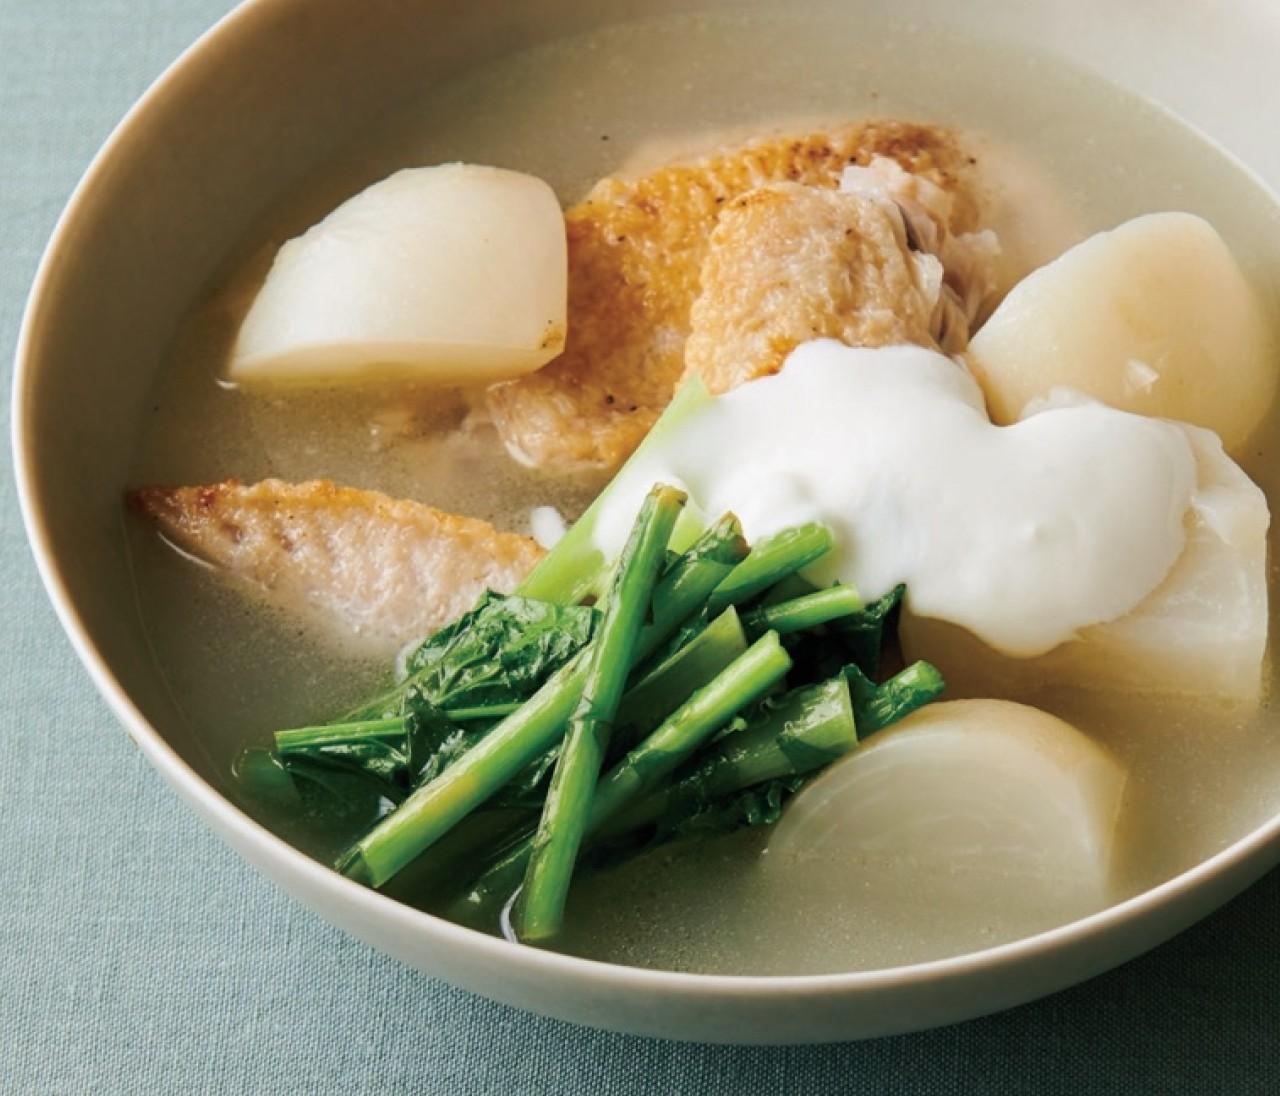 【温野菜レシピ】爽やかな味わい「かぶと手羽先のヨーグルトレモンスープ」